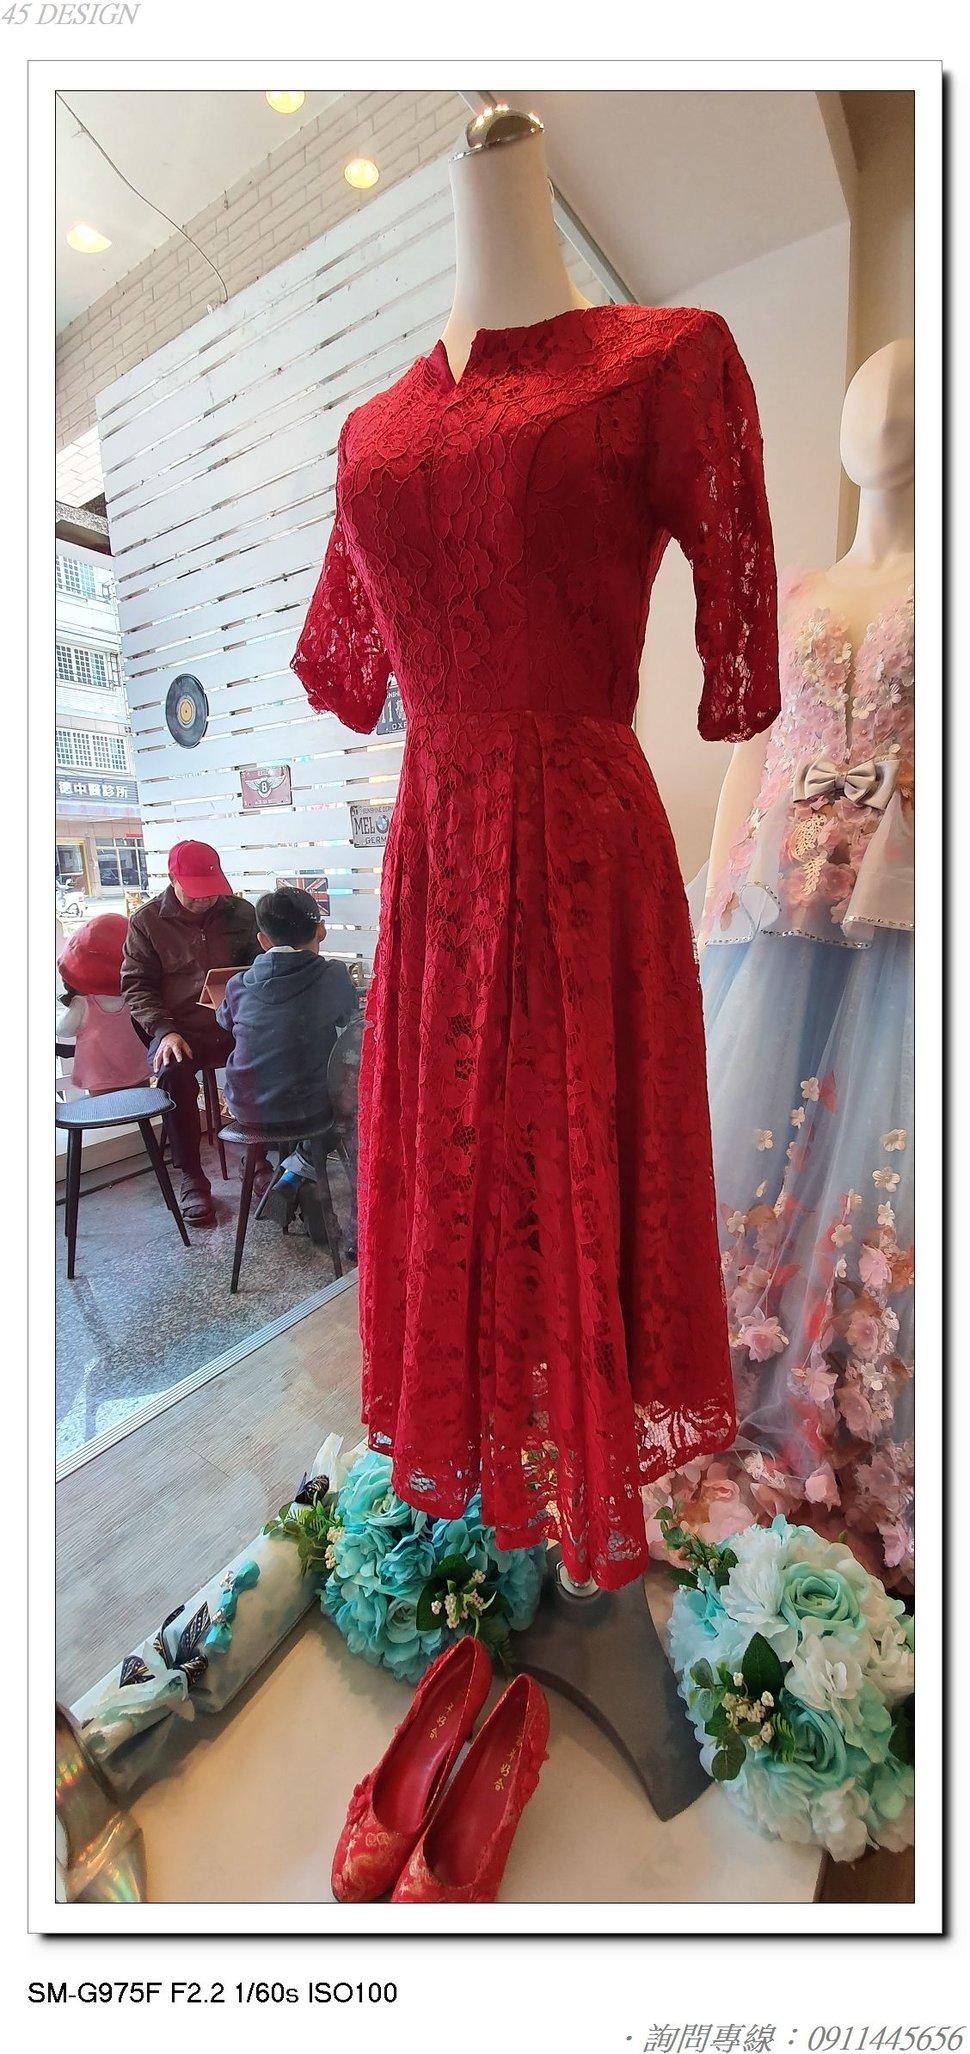 20200210_103233 - 全台最便宜-45DESIGN四五婚紗禮服《結婚吧》